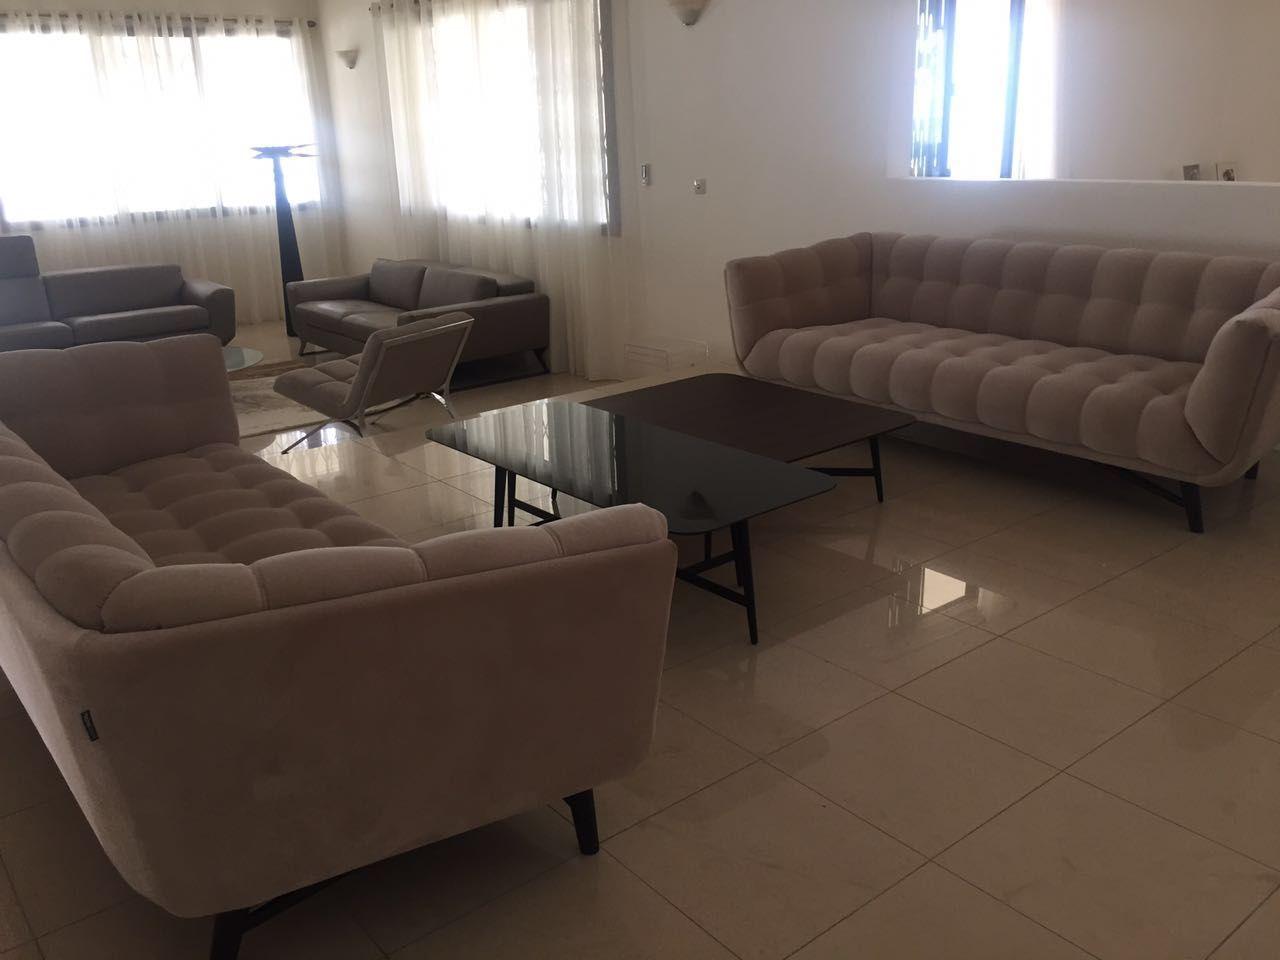 Canapes Profile Et Tables Basses Octet Mobilier De Salon Decoration Maison Table Basse